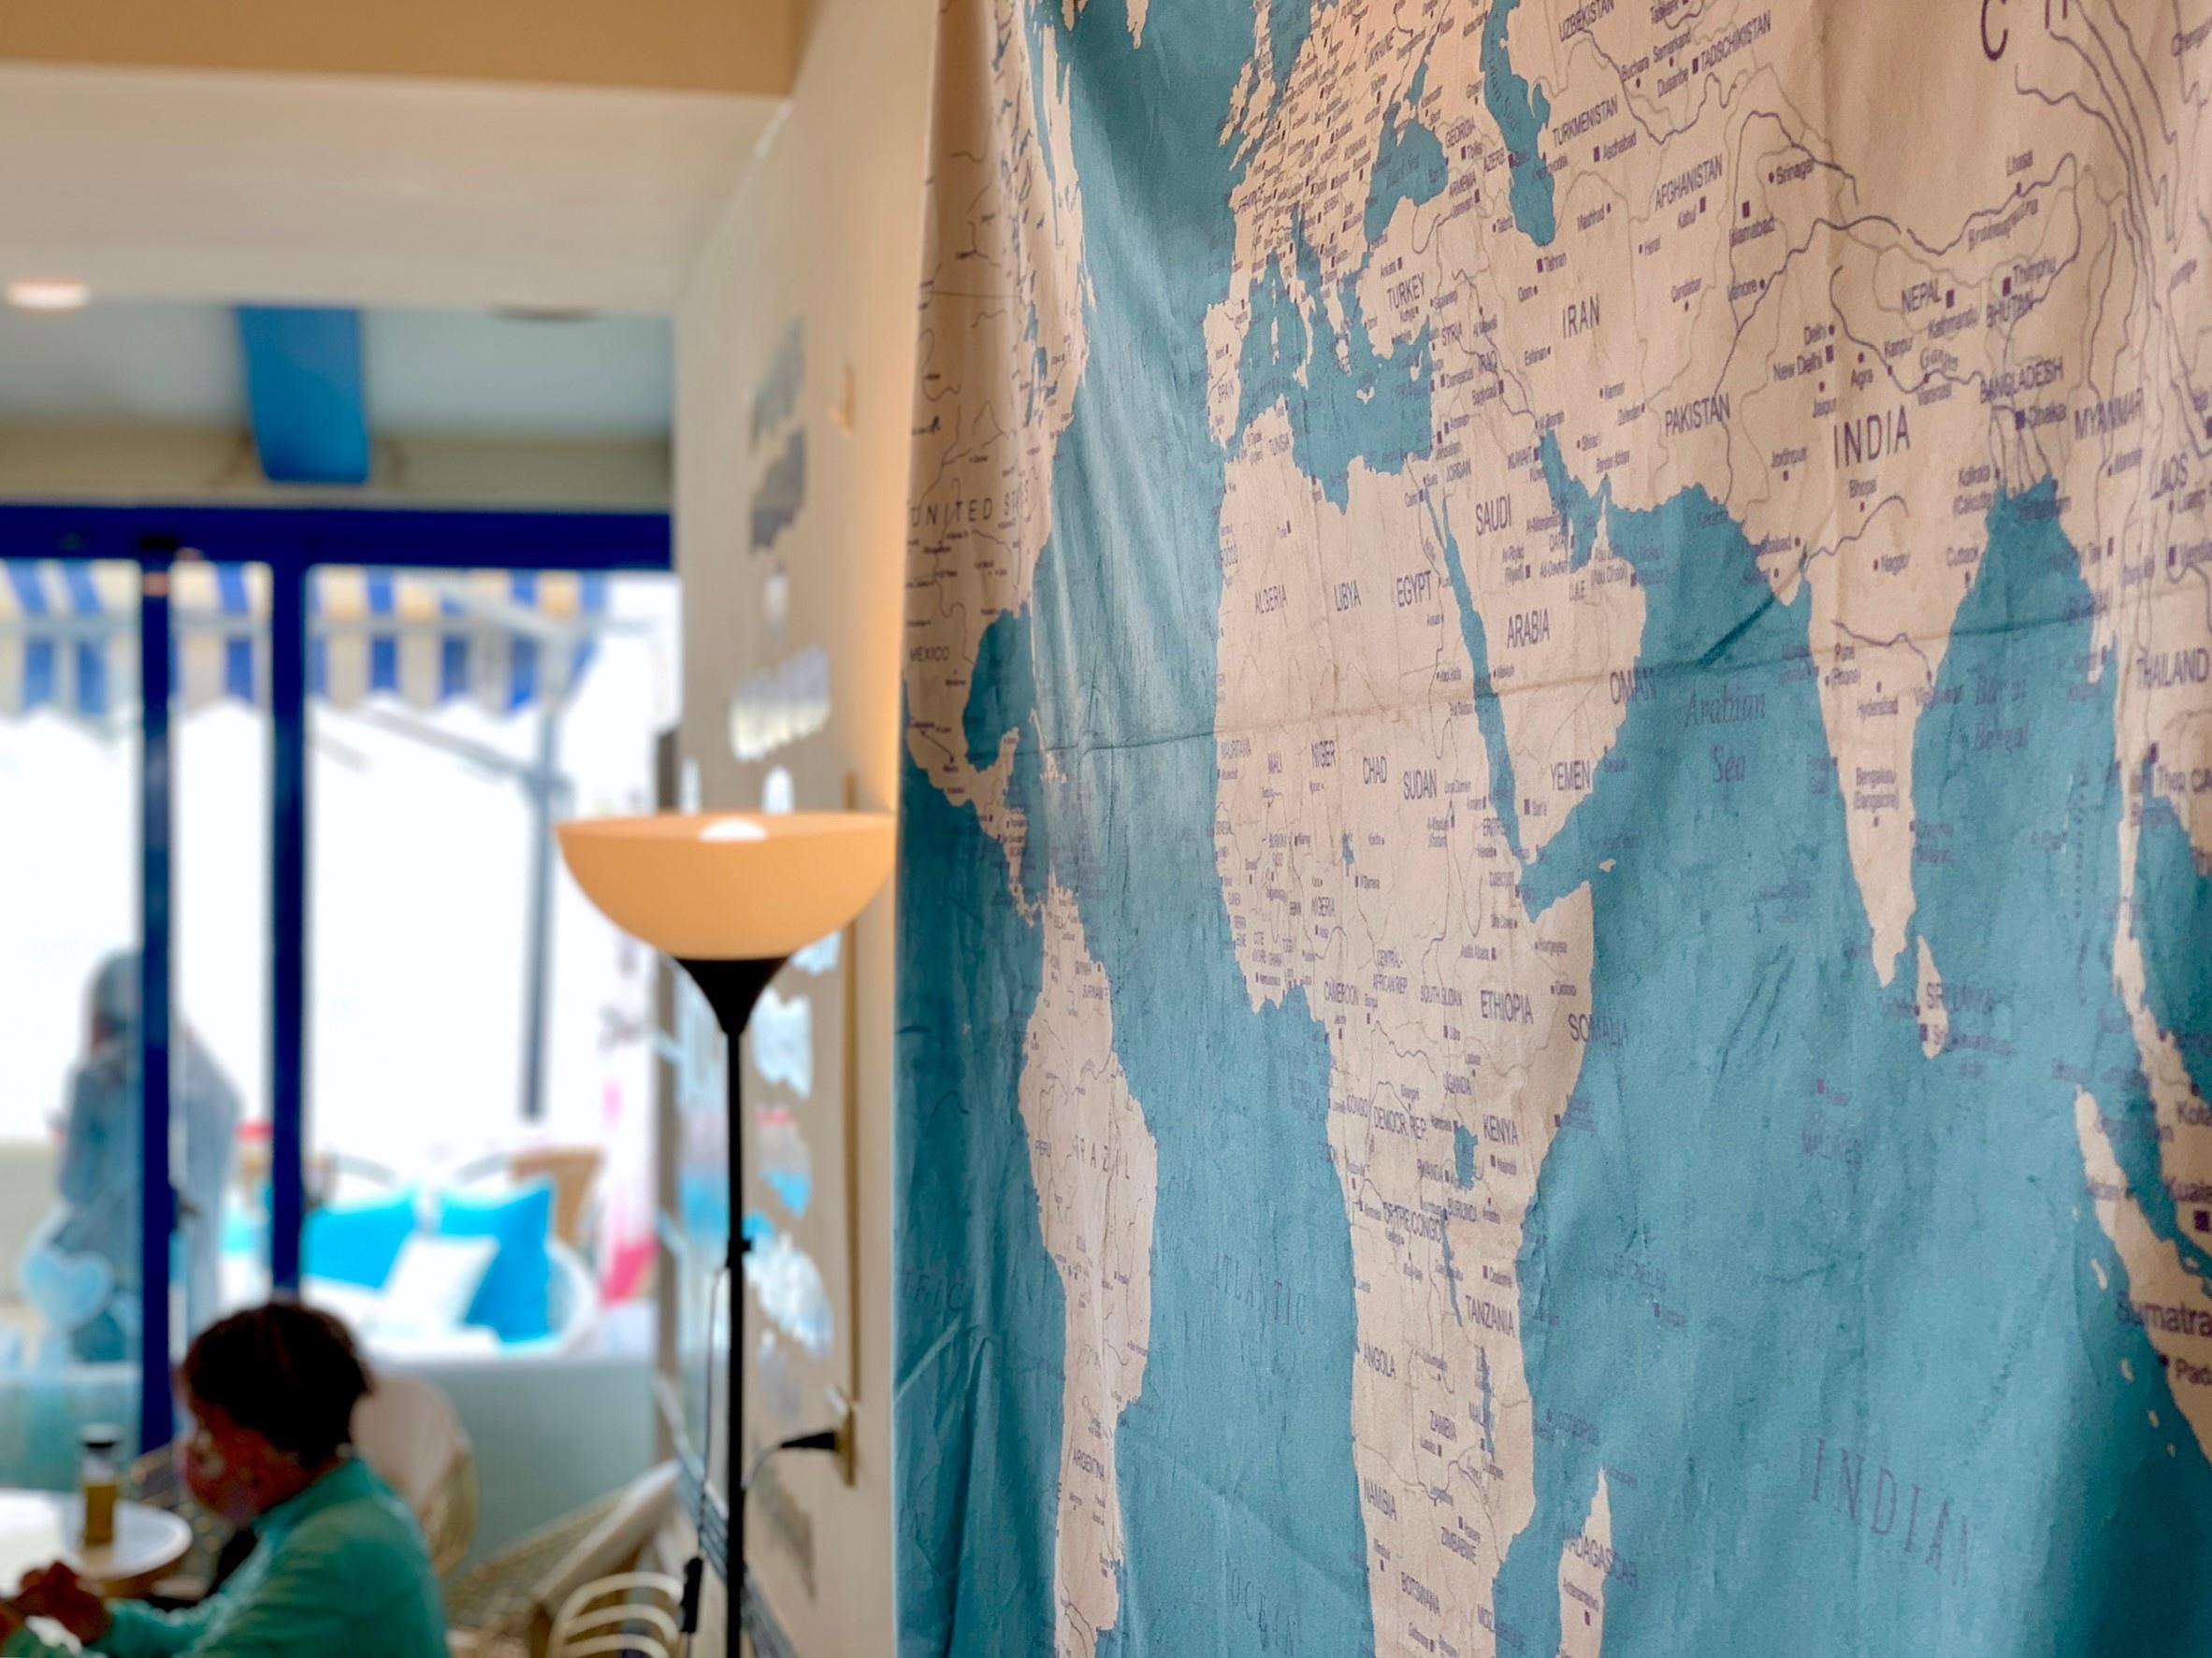 【新北三芝】夢想地圖Café海景會館│出版業跨界打造的無敵海景夢想館,賣一個美好生活願景的想像【北海岸的藏書館,猶如一本心靈雞湯】滿是正能量,彷彿置身地中海般愜意